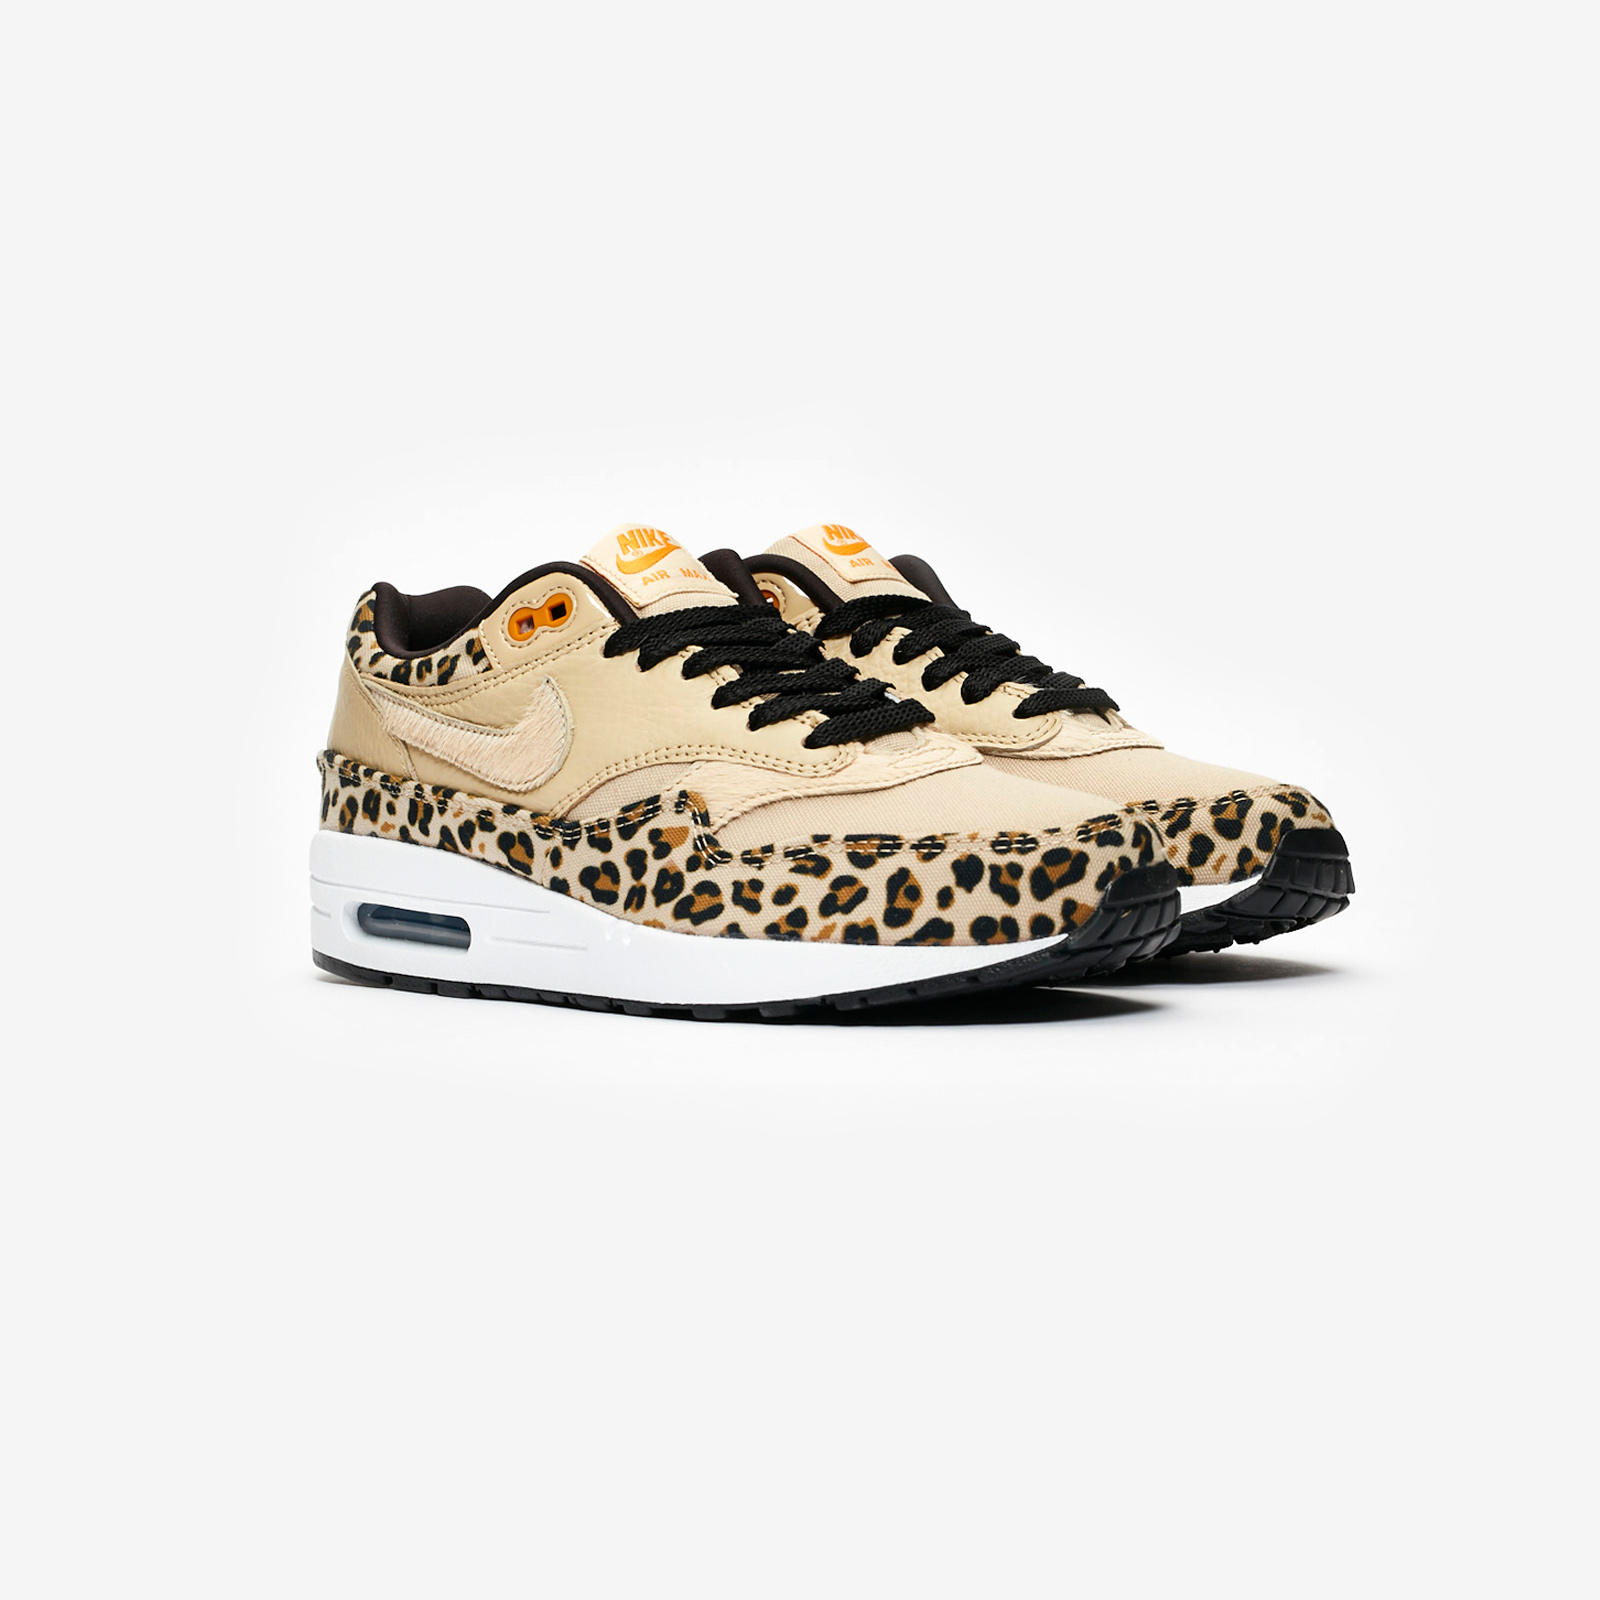 size 40 75c7b 77e85 Nike Sportswear Wmns Air Max 1 Premium